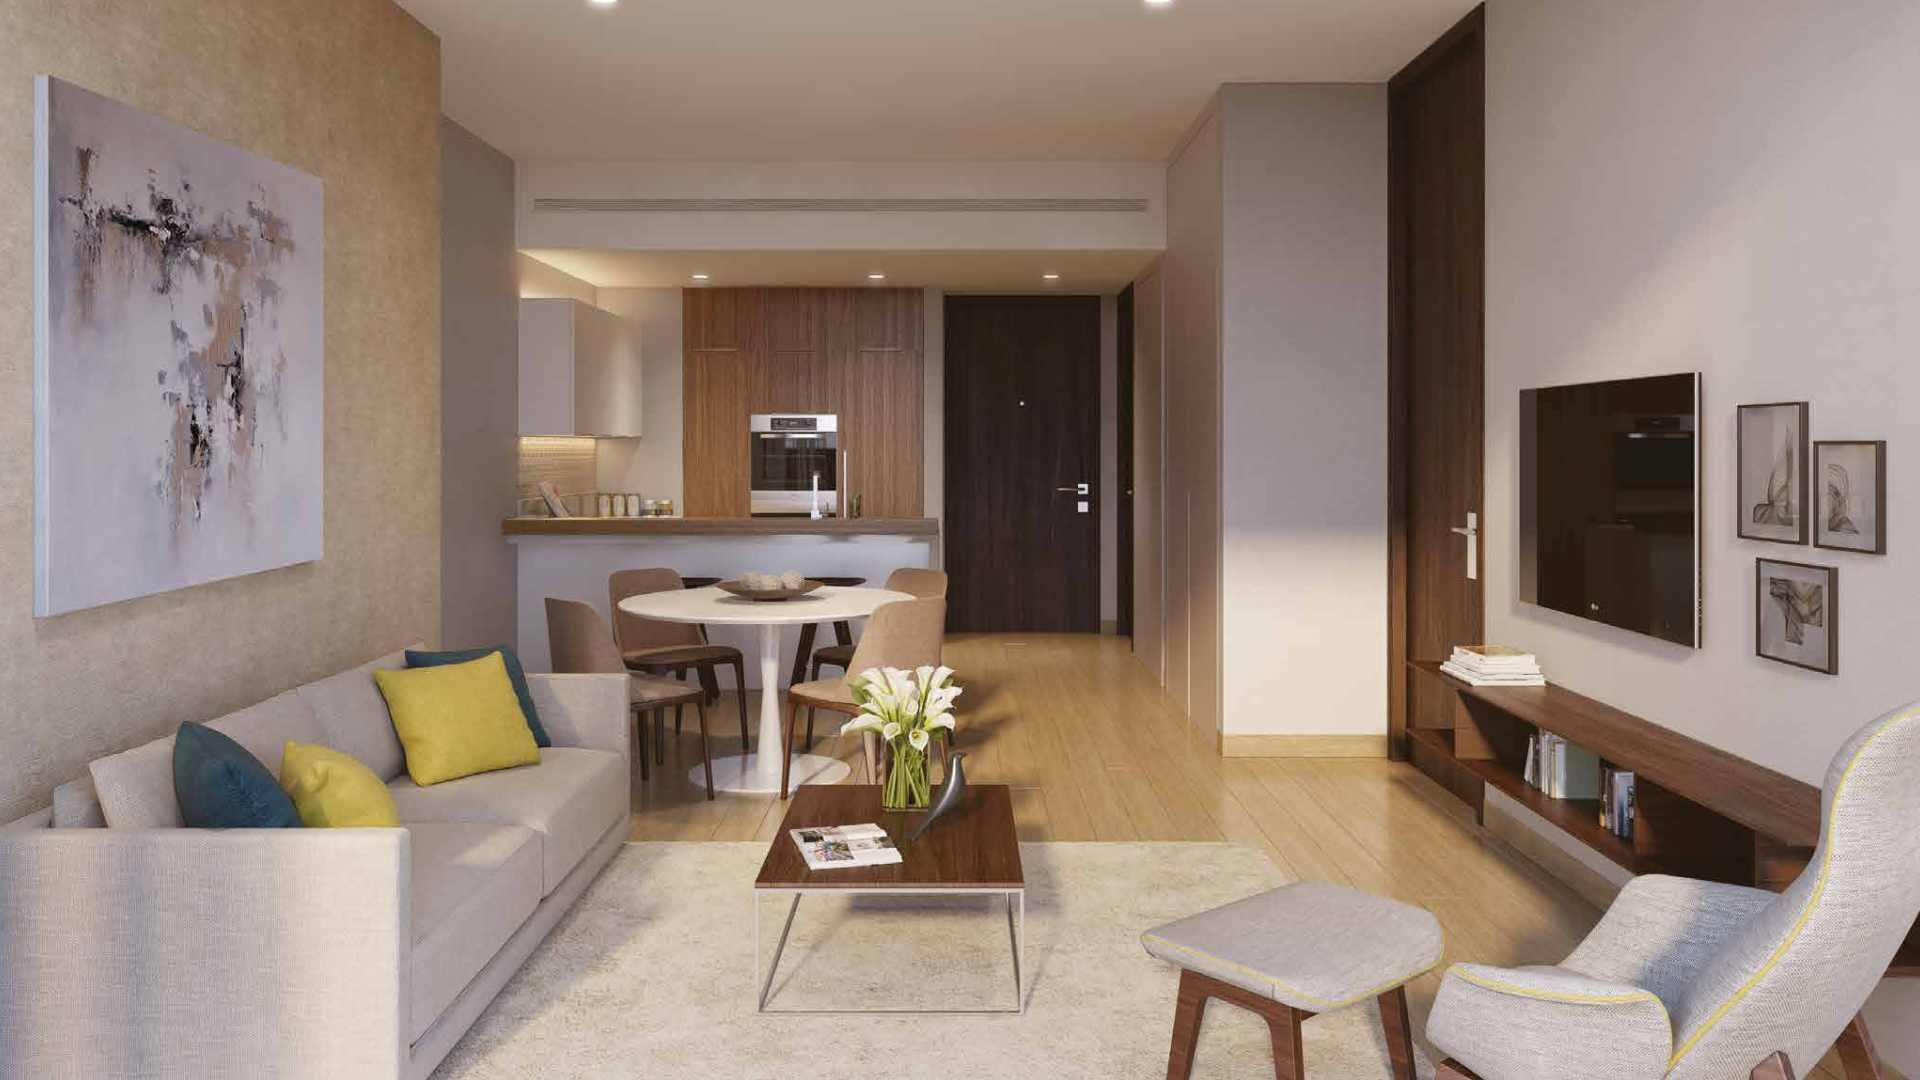 Apartment for sale in Dubai, UAE, 3 bedrooms, 198 m2, No. 24240 – photo 7